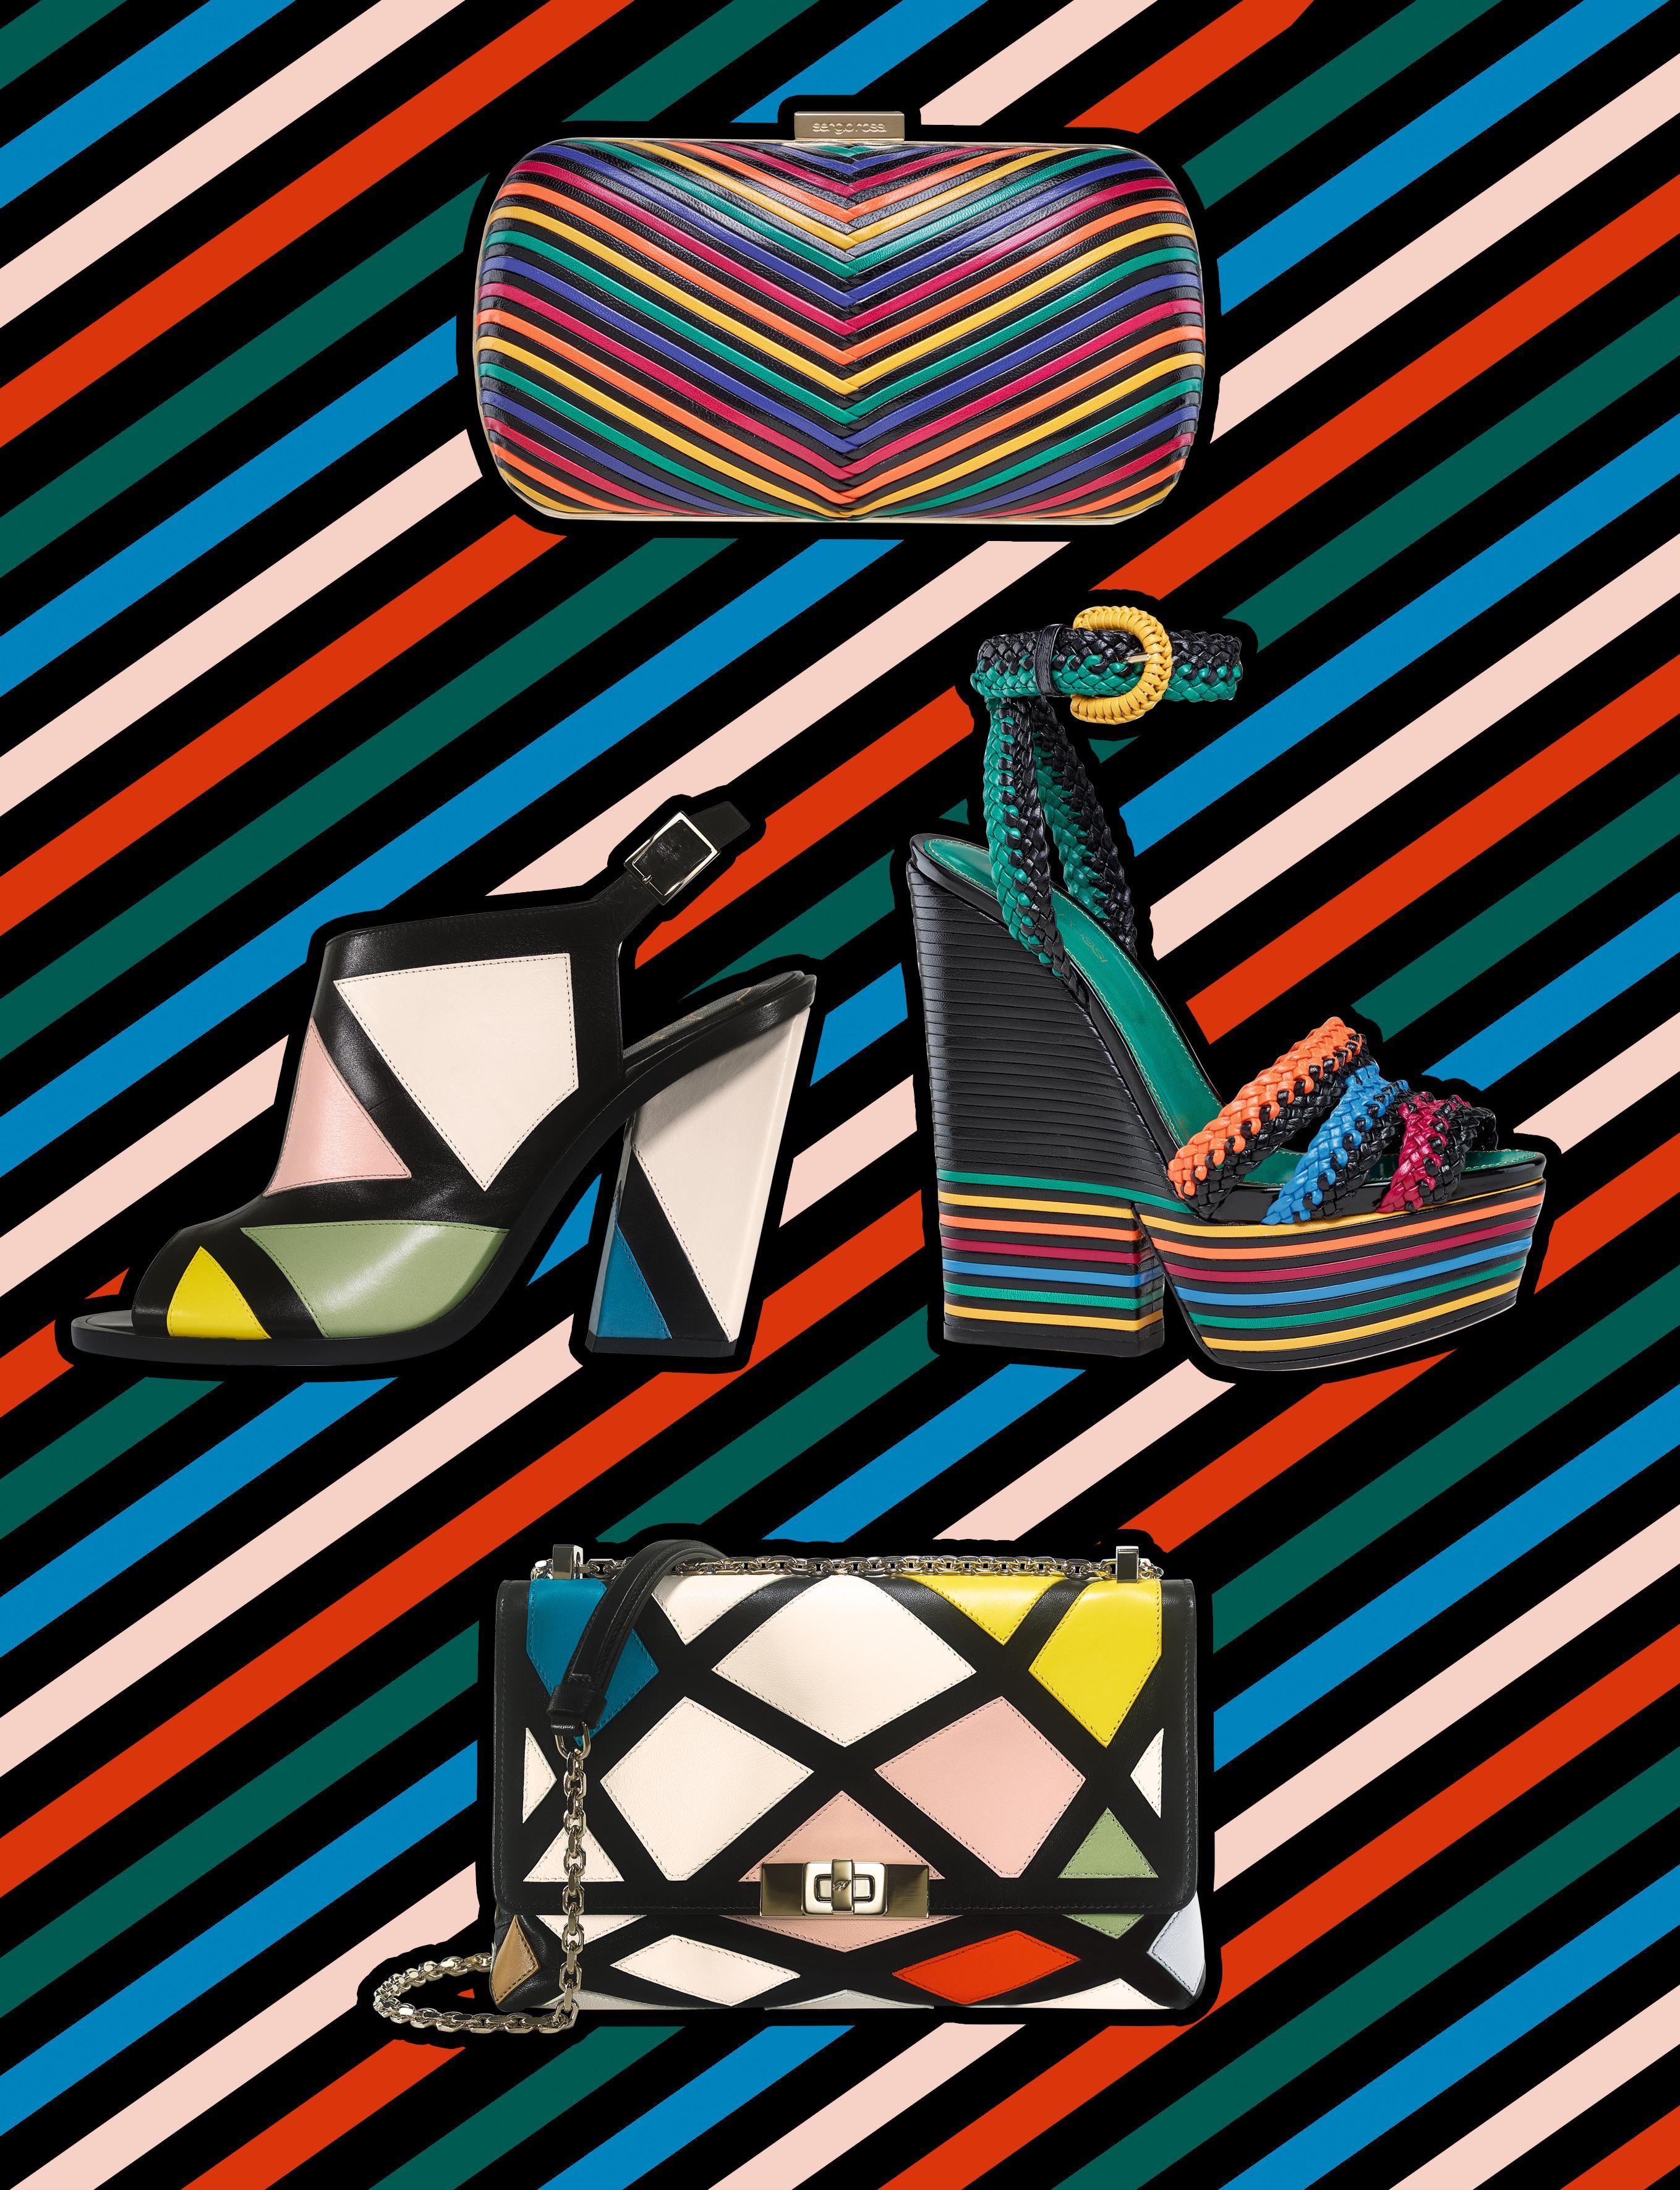 La sélection d'accessoires graphiques et colorés